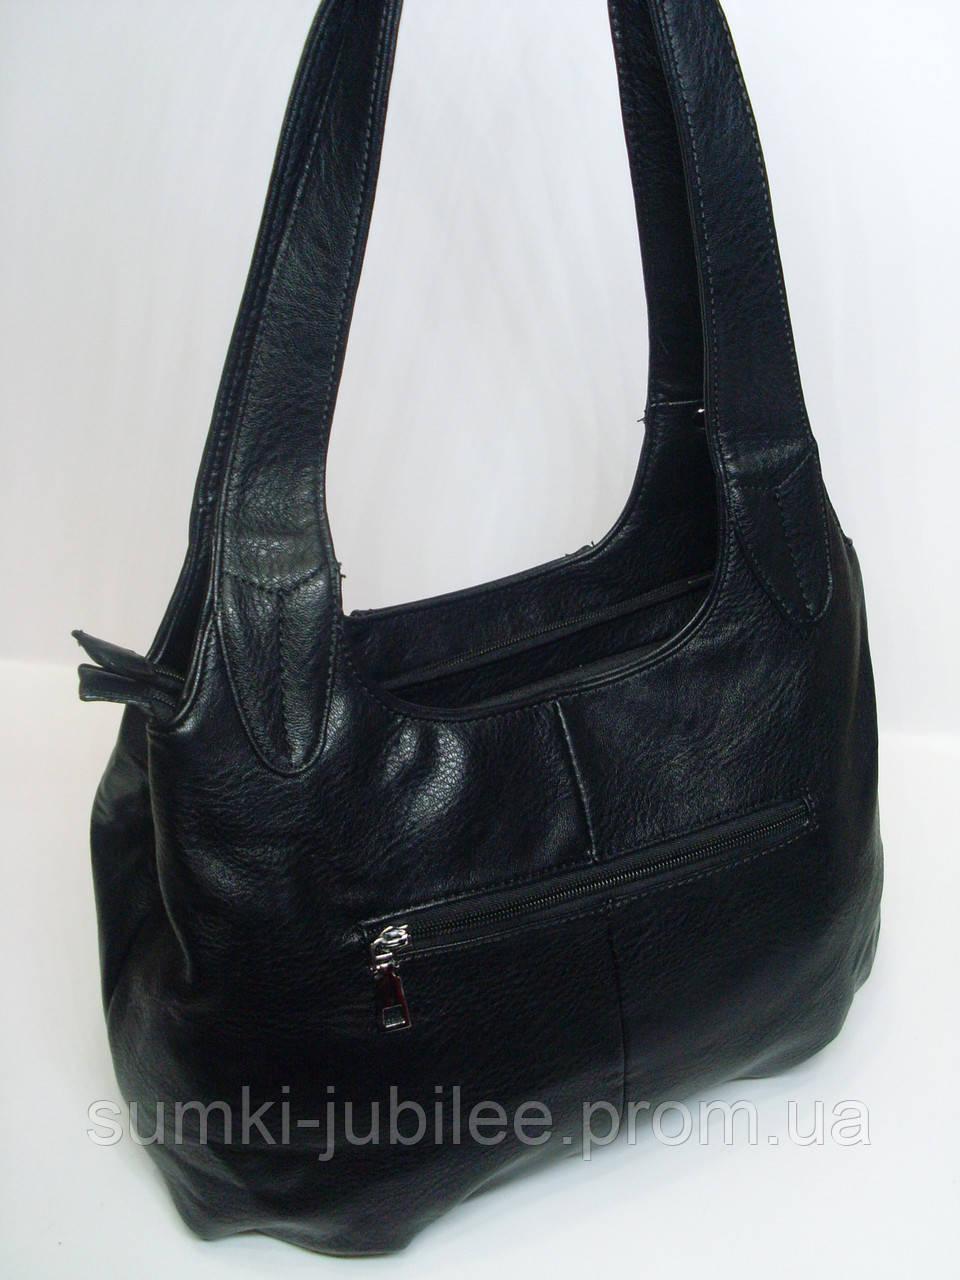 c6e2034fd1a3 Женская сумка реплика Kenguru, цена 395 грн., купить в Харькове — Prom.ua  (ID#335953103)